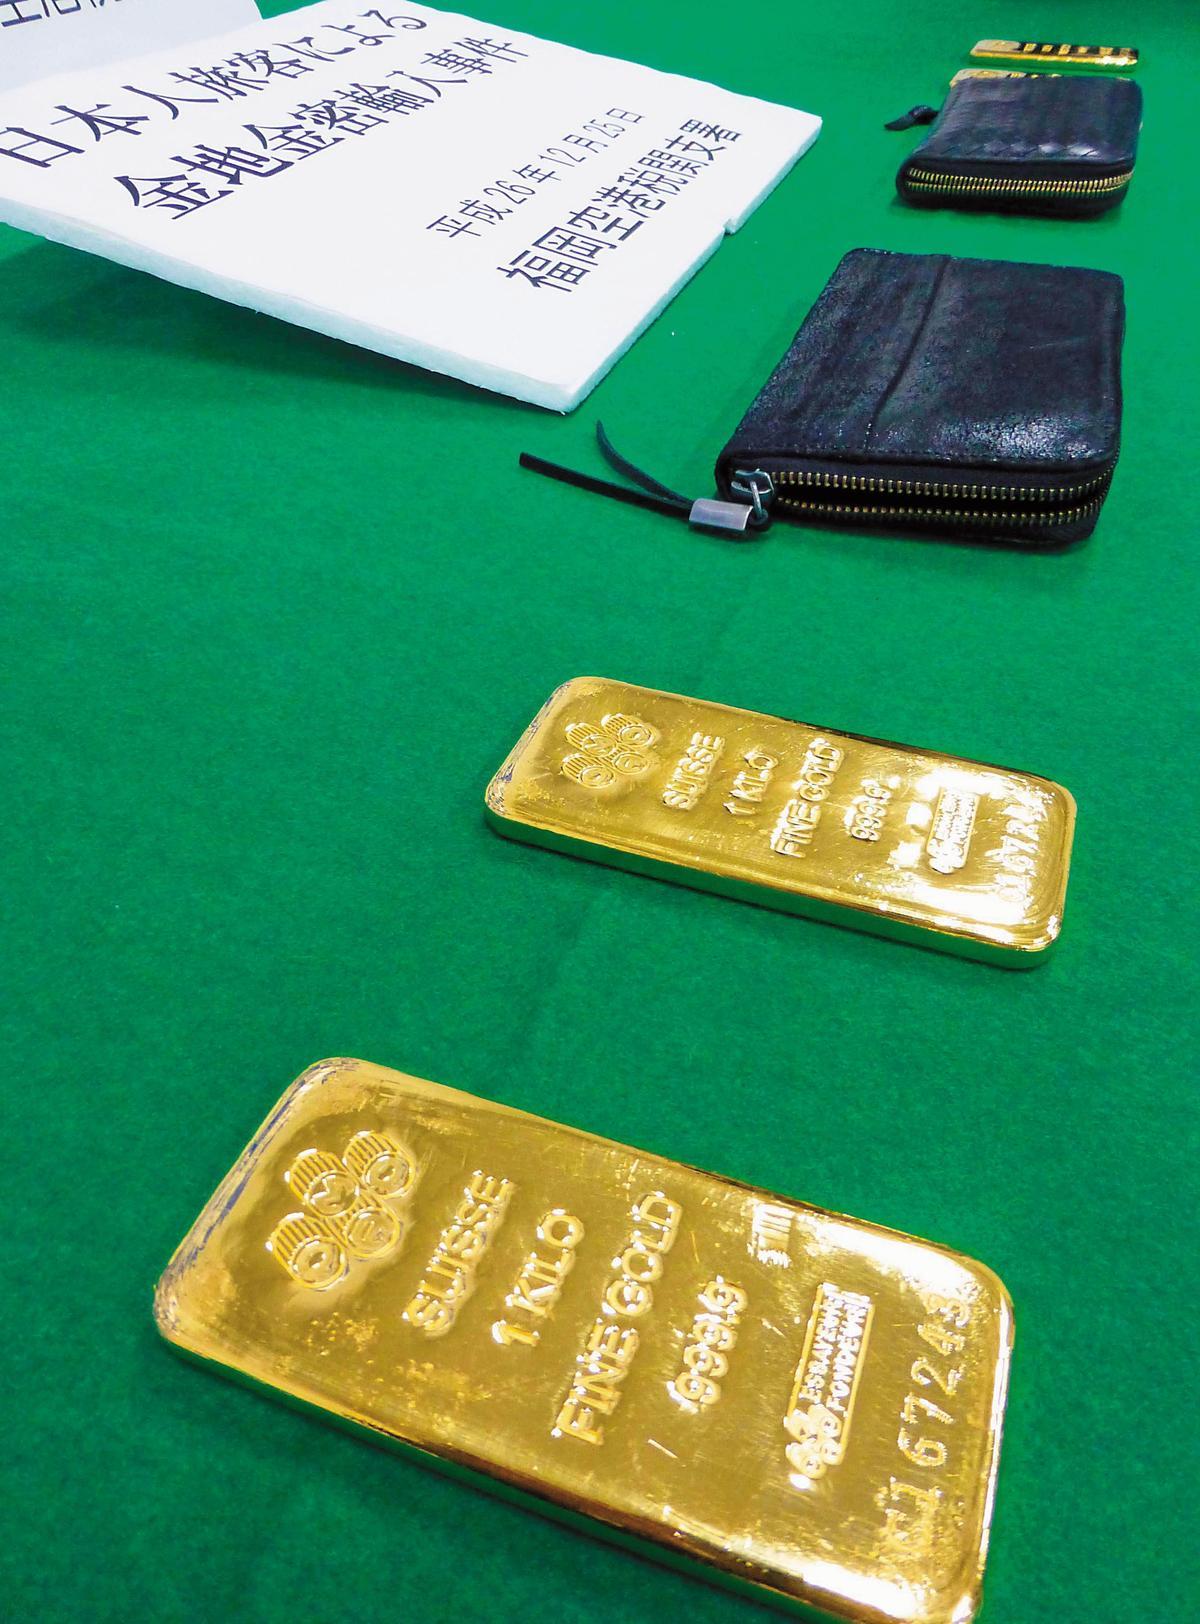 走私黃金進日本的利潤高,連日本黑道都覬覦,從香港走私金塊。(東方IC)